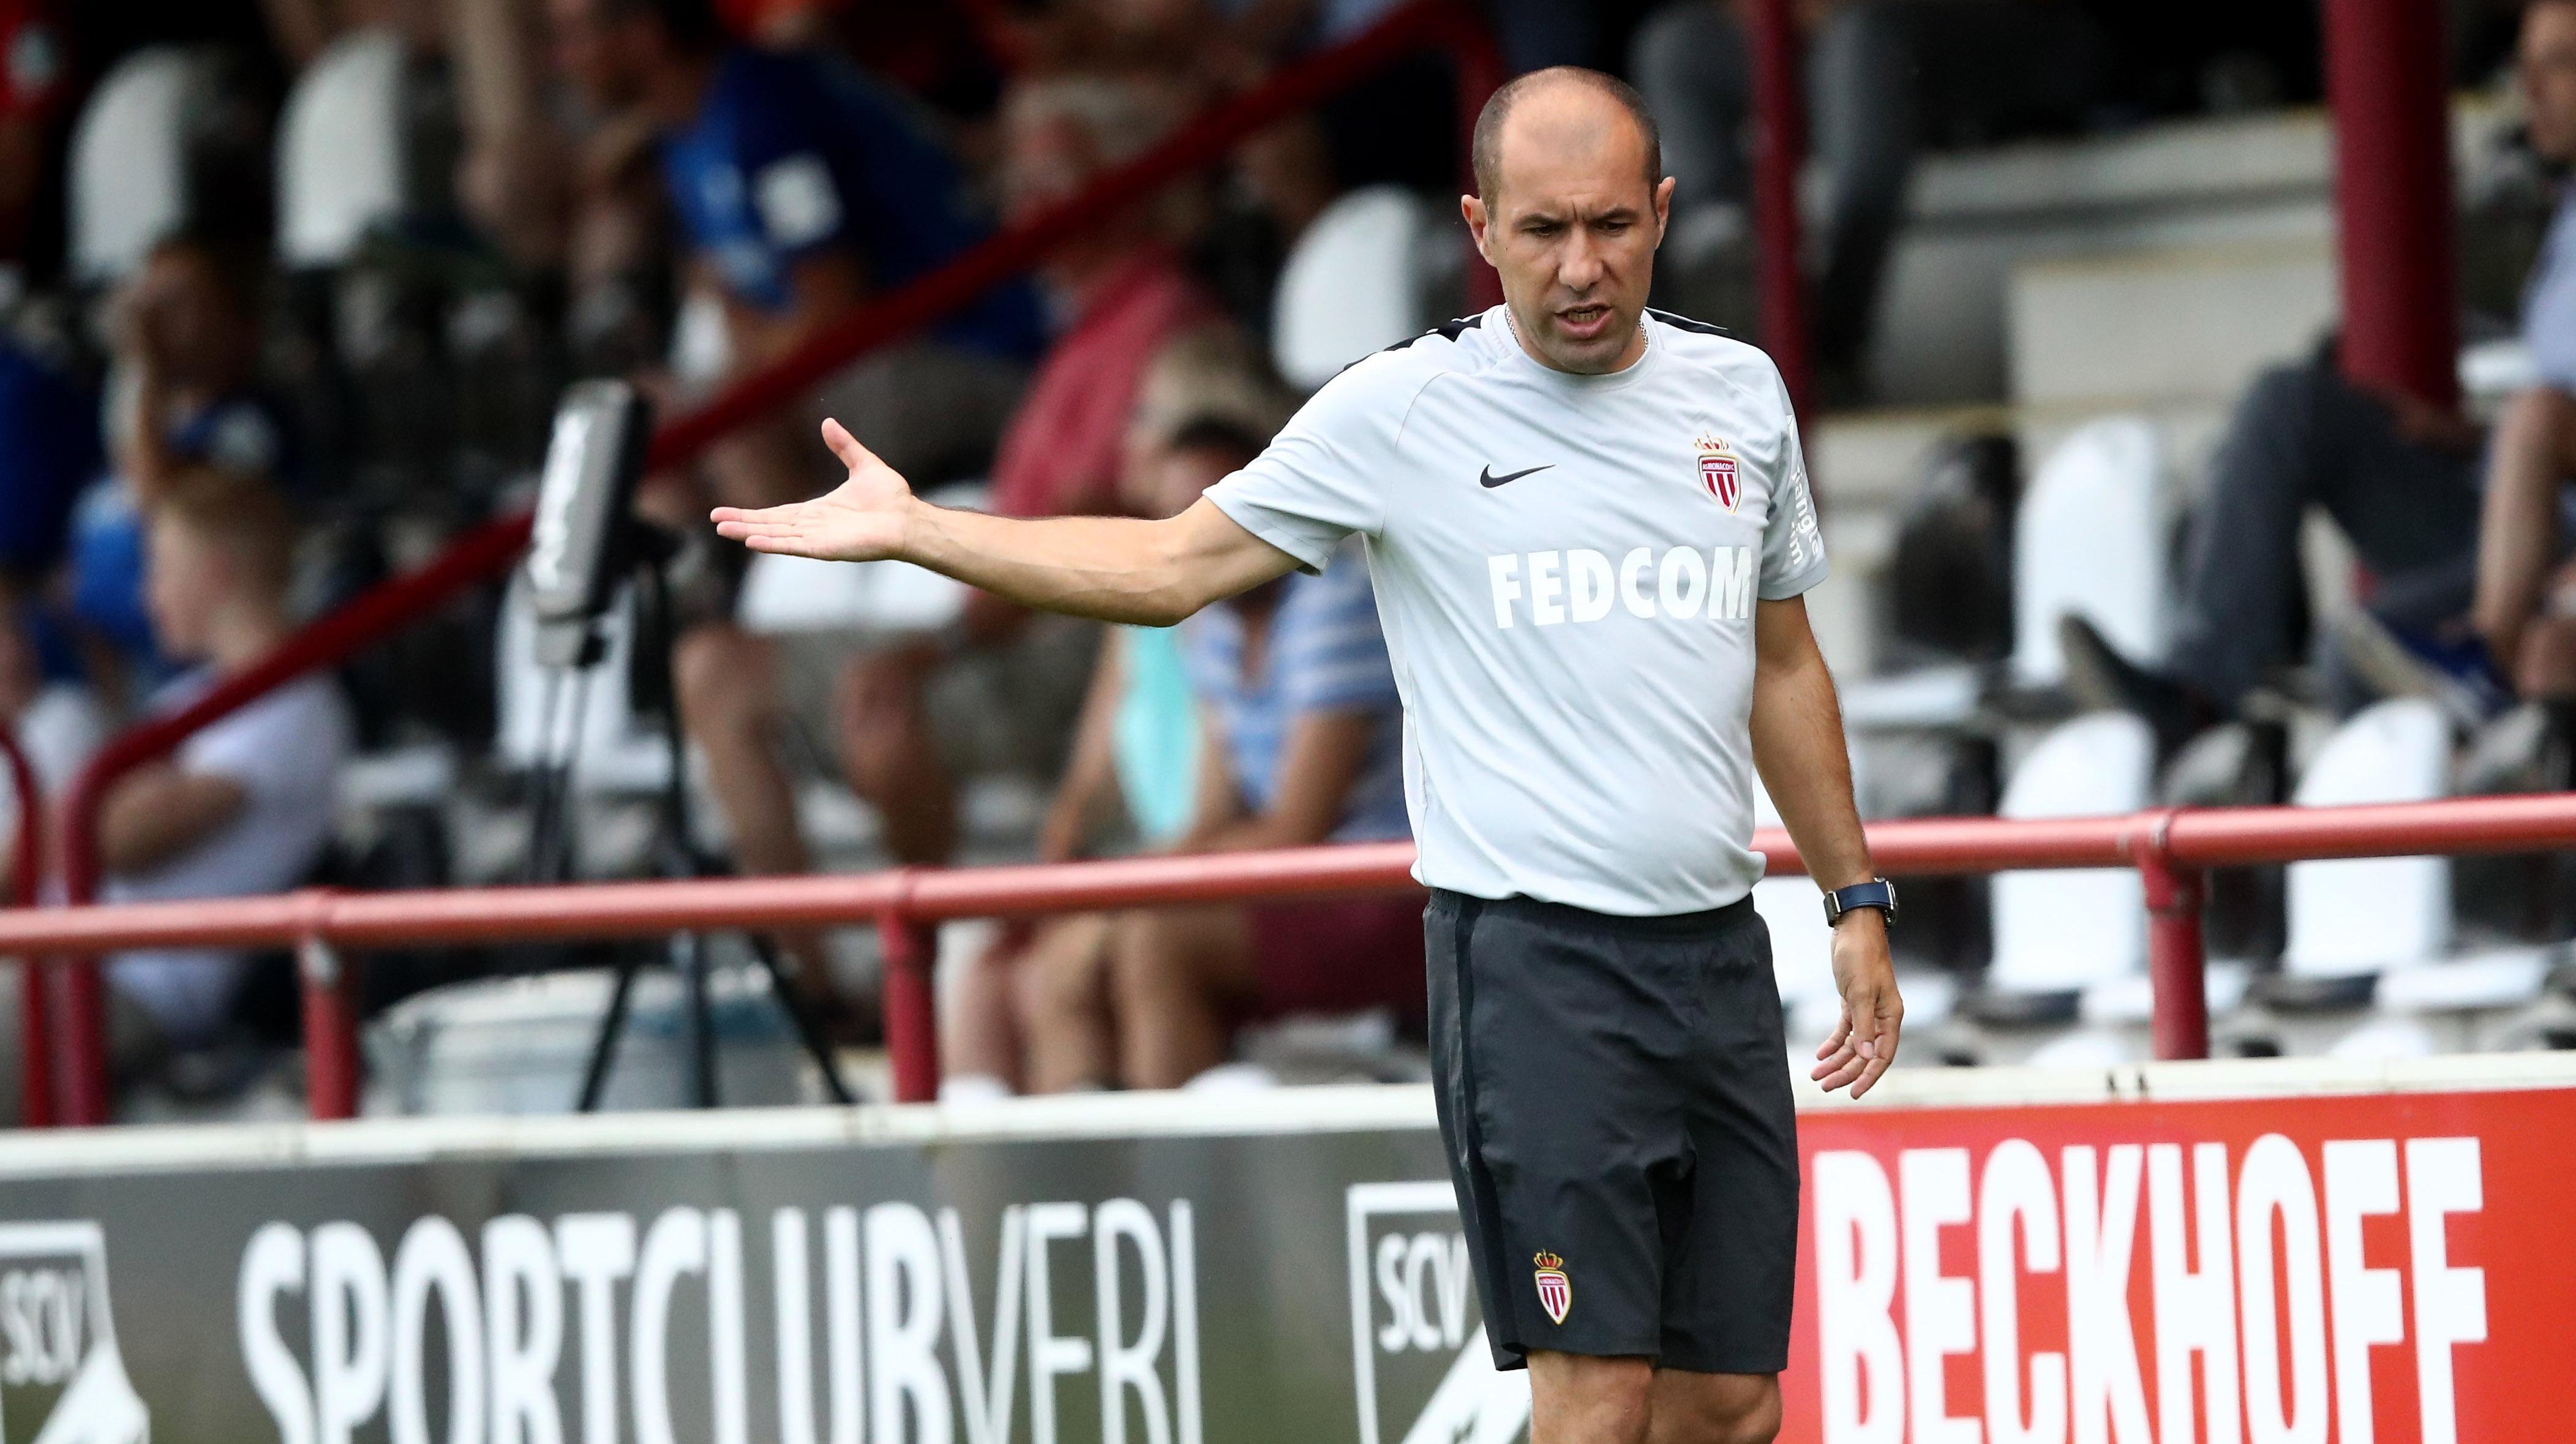 Старши треньорът на Монако Леонардо Жардим смята, че съвременните тренировки